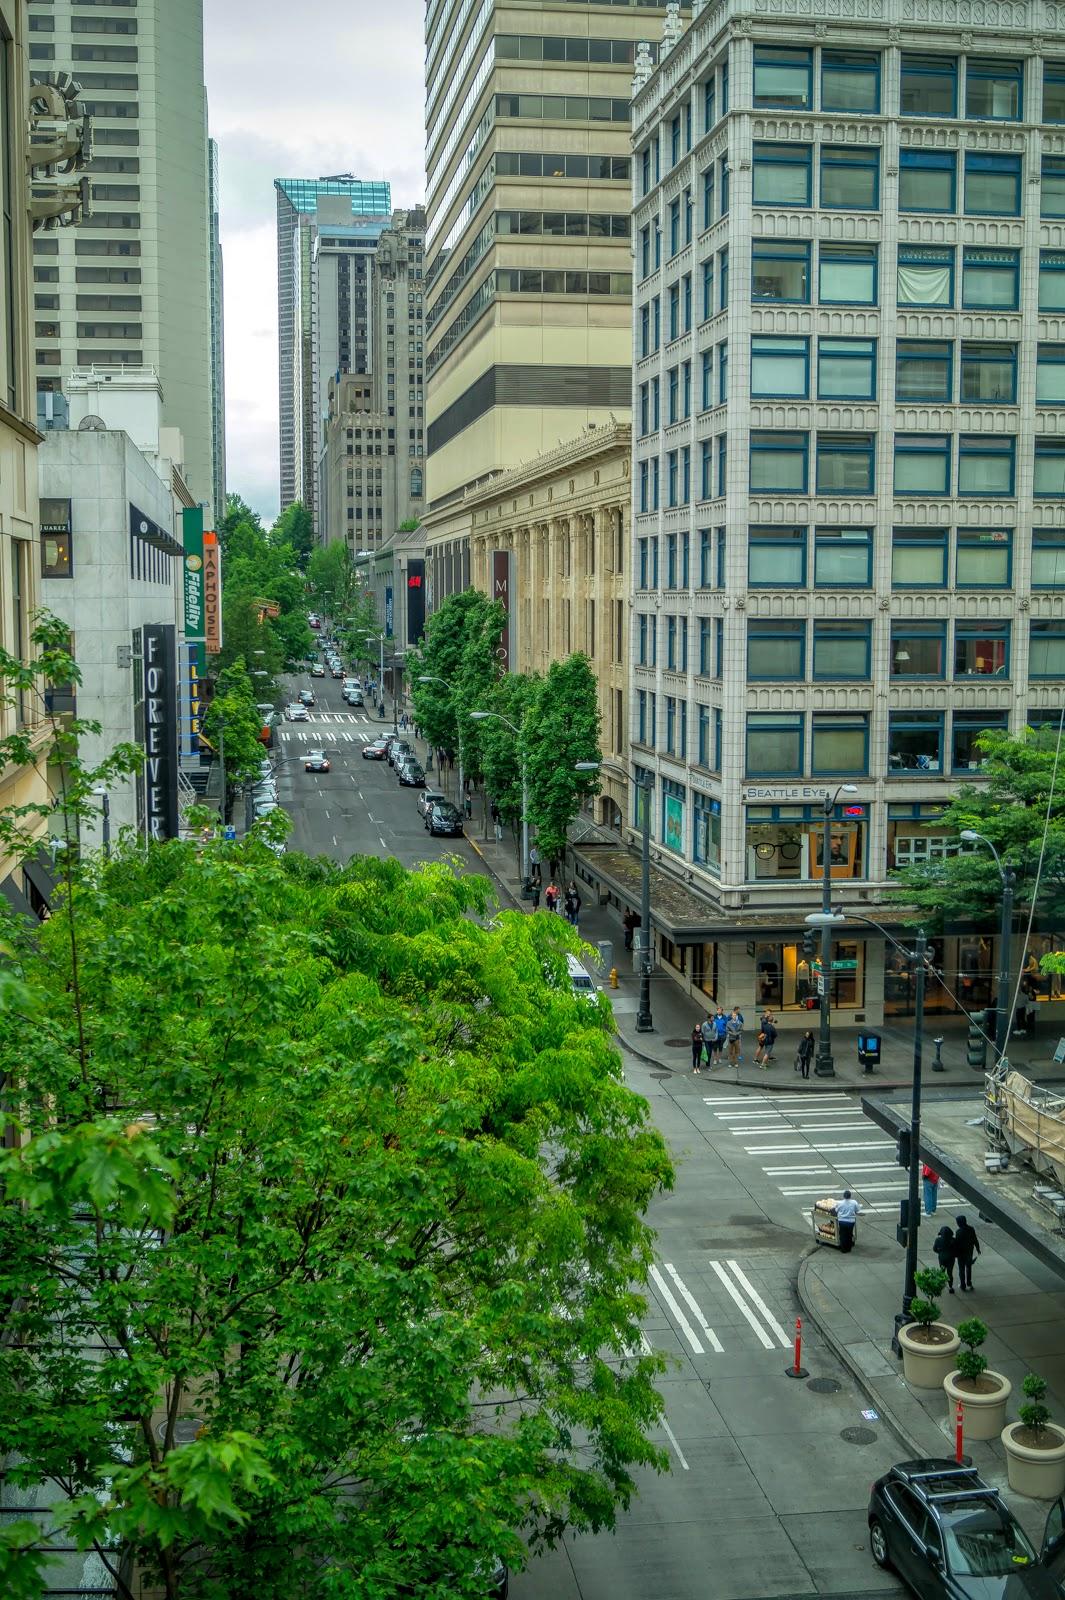 Застройка в Сиэтле очень плотная, дороги - узкие.